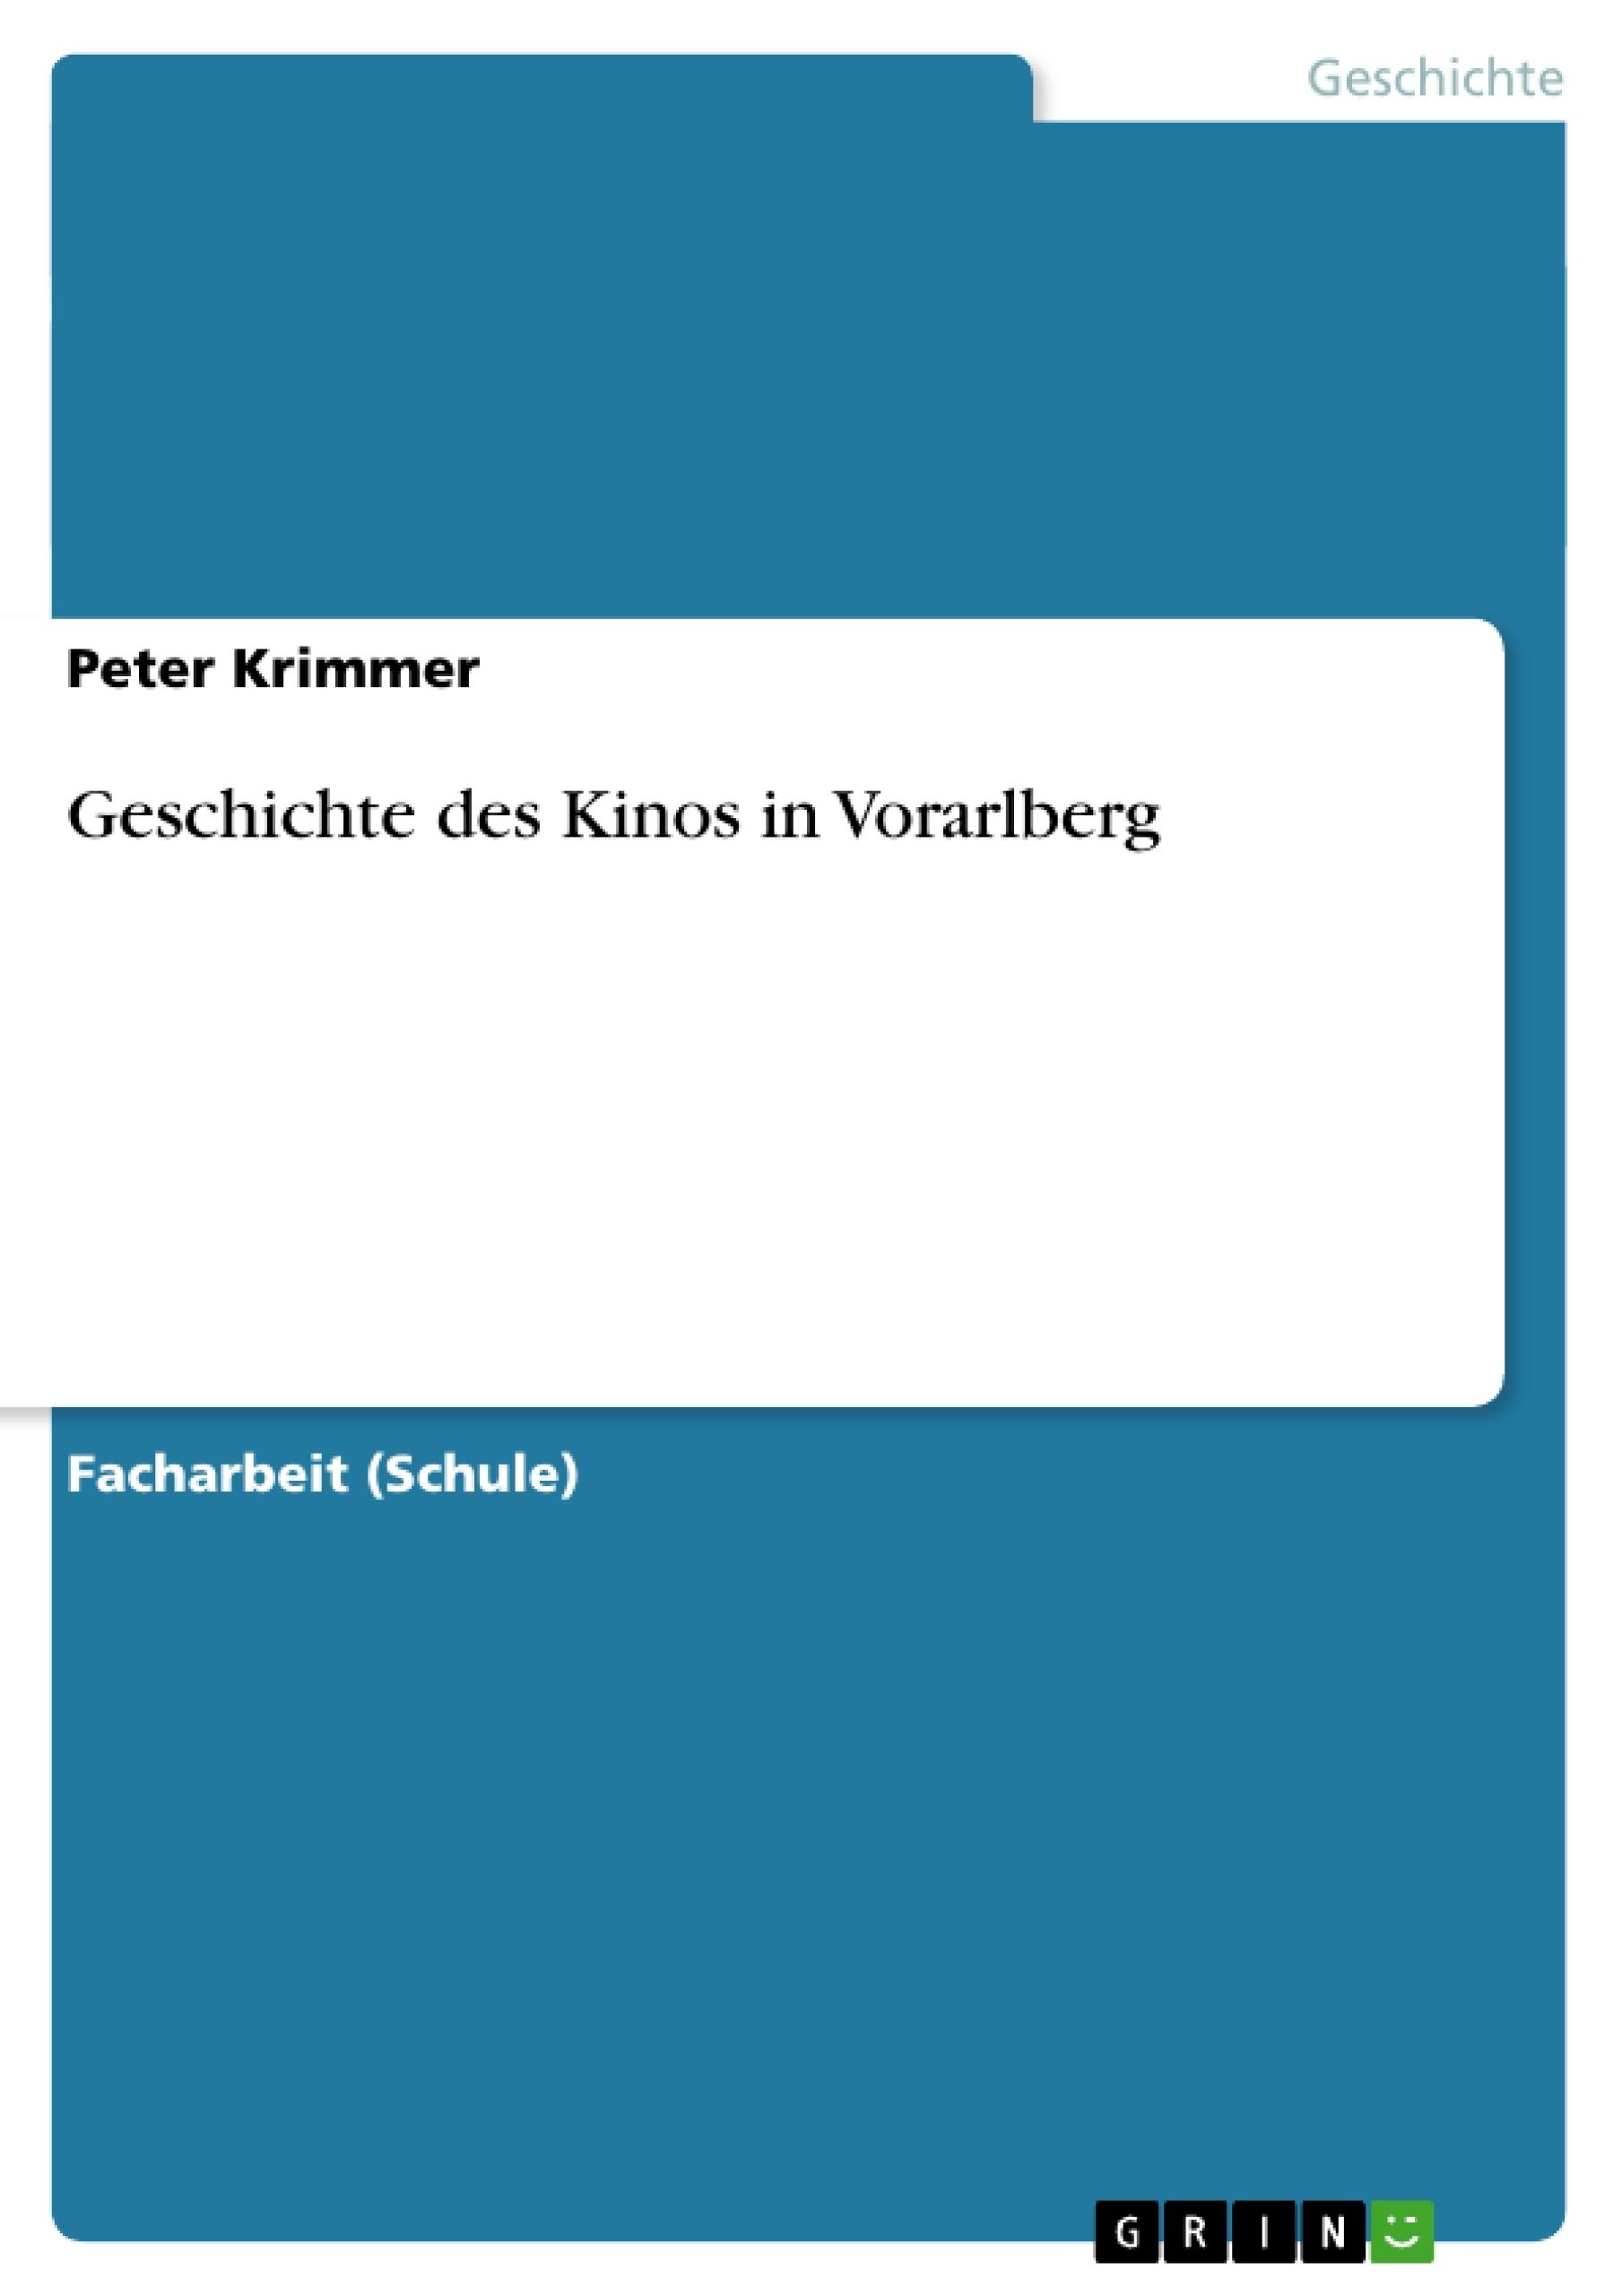 Titel: Geschichte des Kinos in Vorarlberg